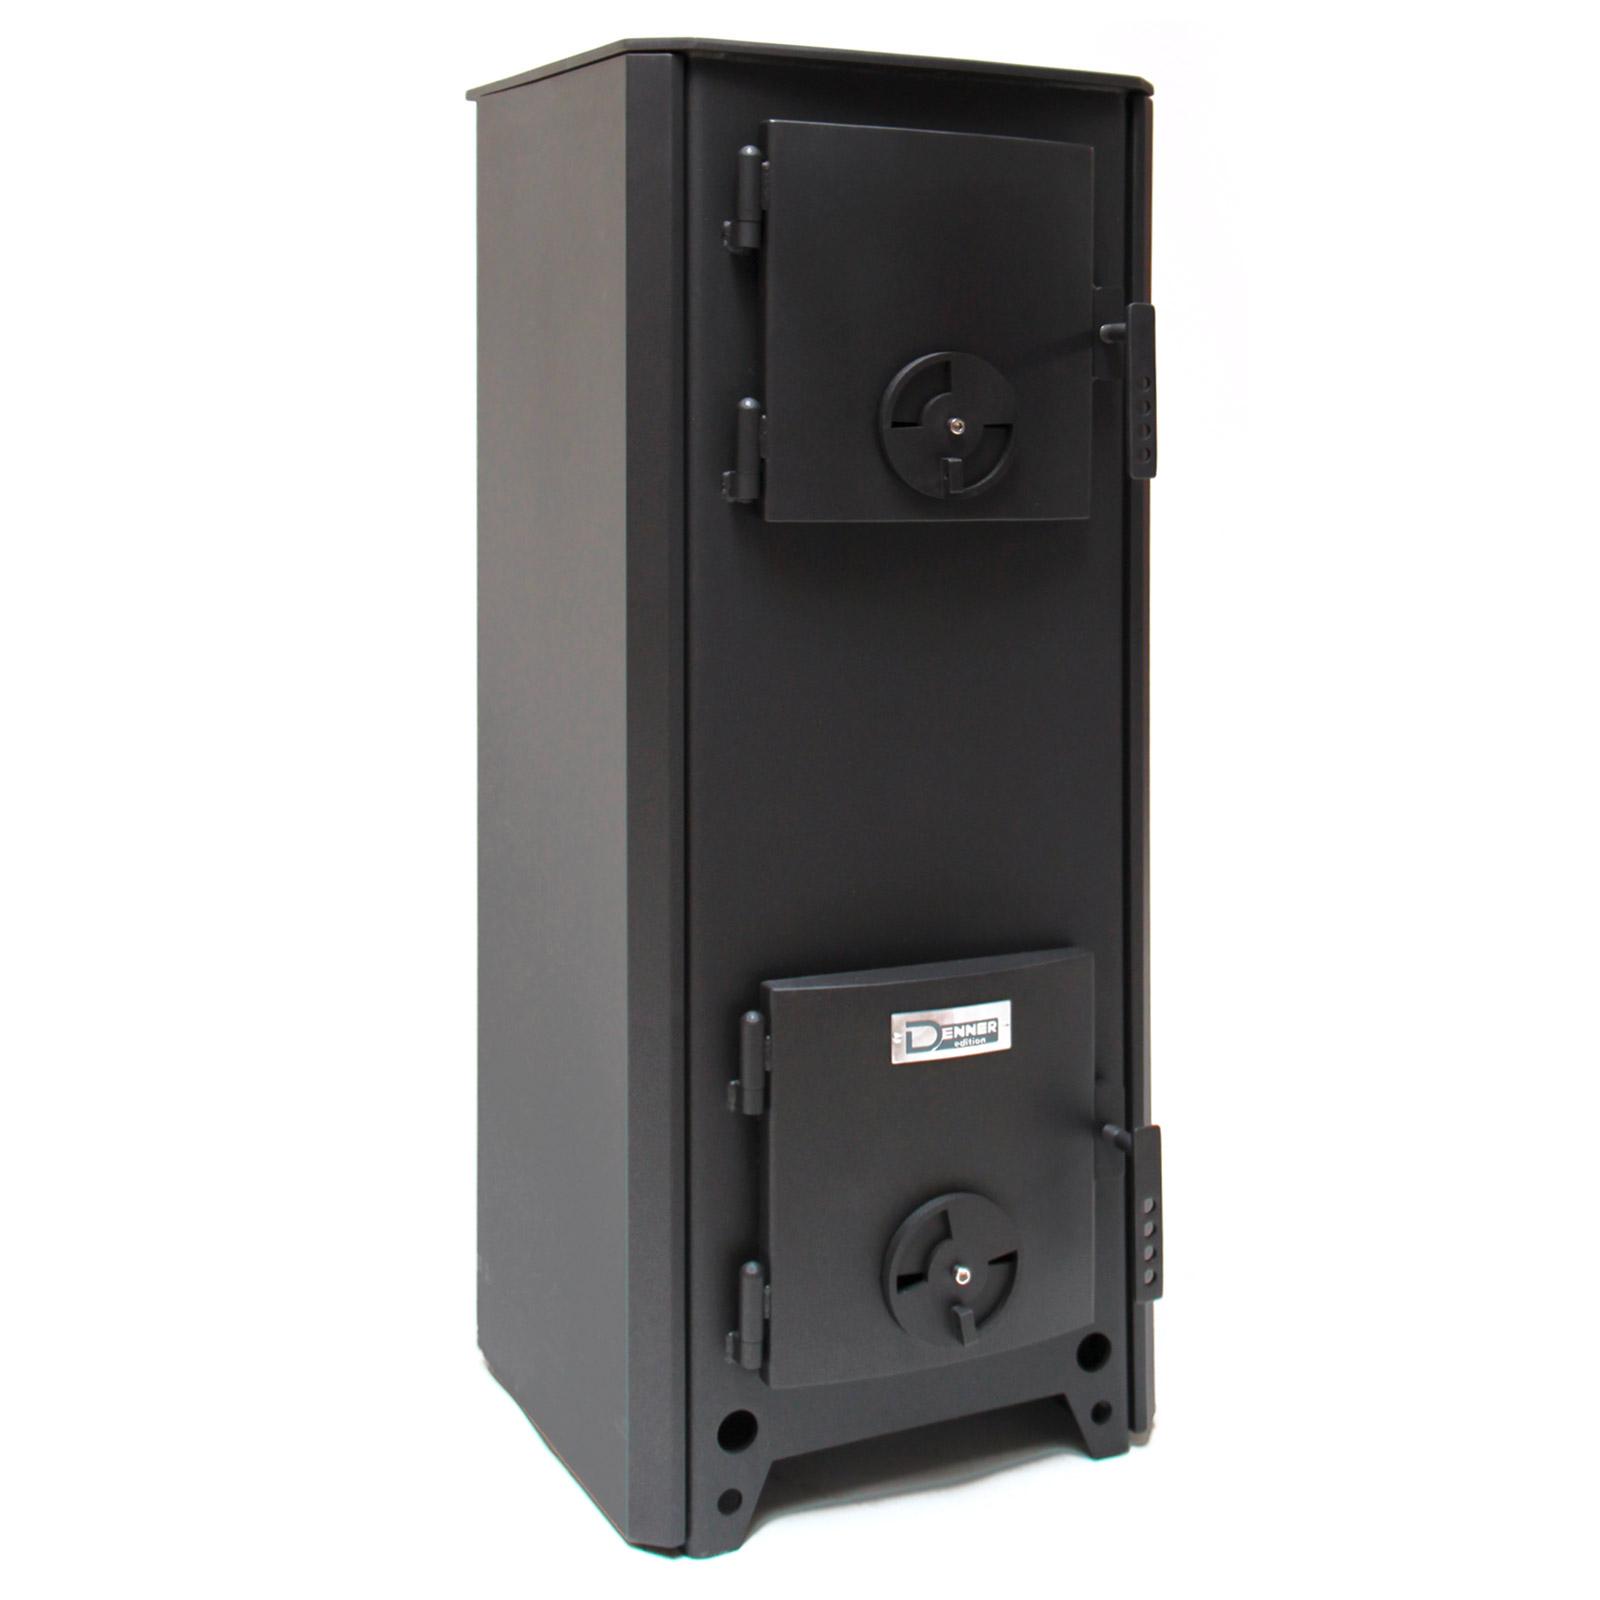 werkstattofen kaminofen holzofen ofen 6 6 kw neu 61052 ebay. Black Bedroom Furniture Sets. Home Design Ideas